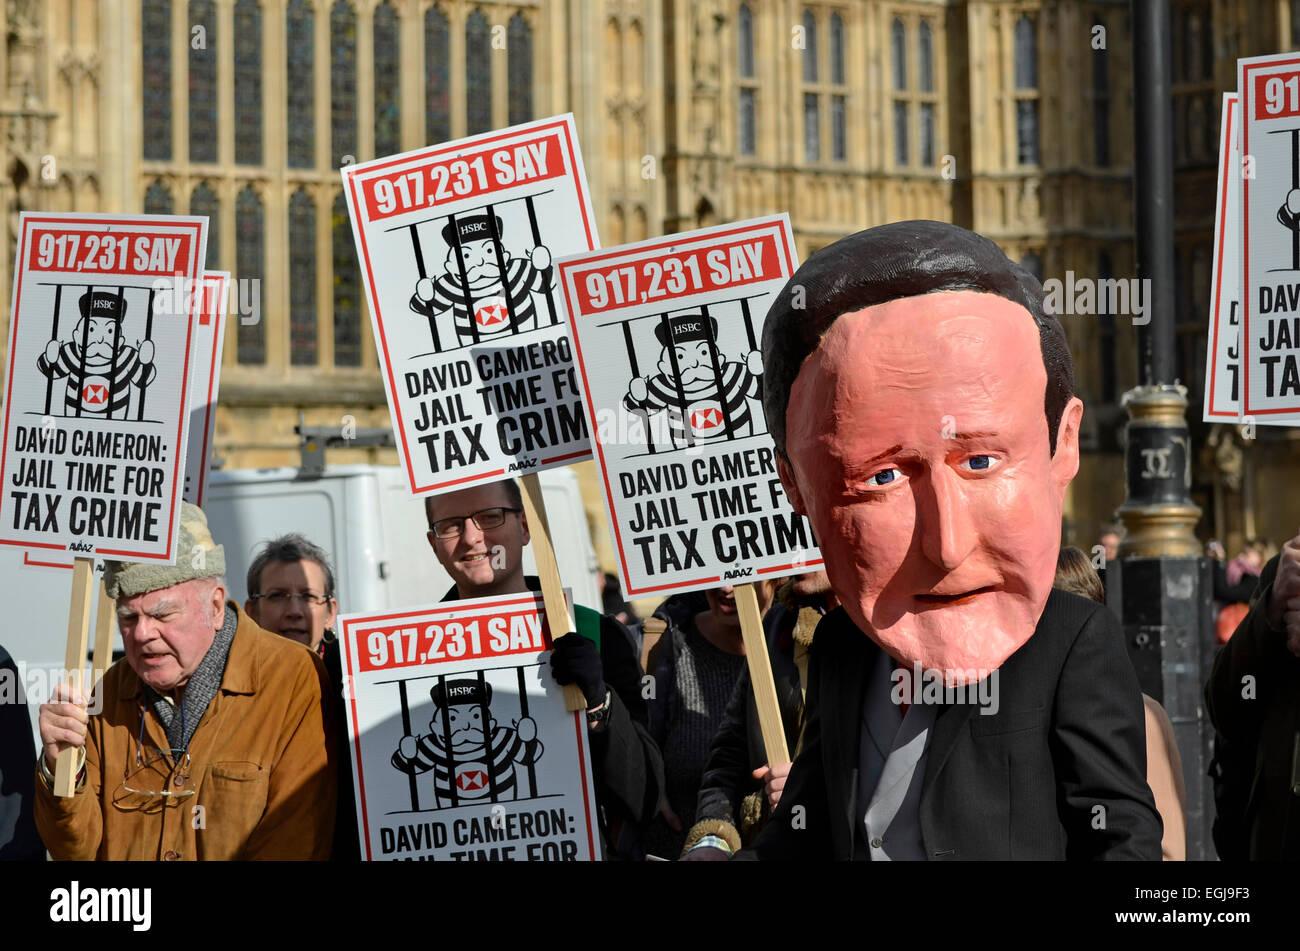 Londres, Reino Unido. 25 de febrero de 2015. Manifestación organizada por AVAAZ (El mundo en acción) en Imagen De Stock